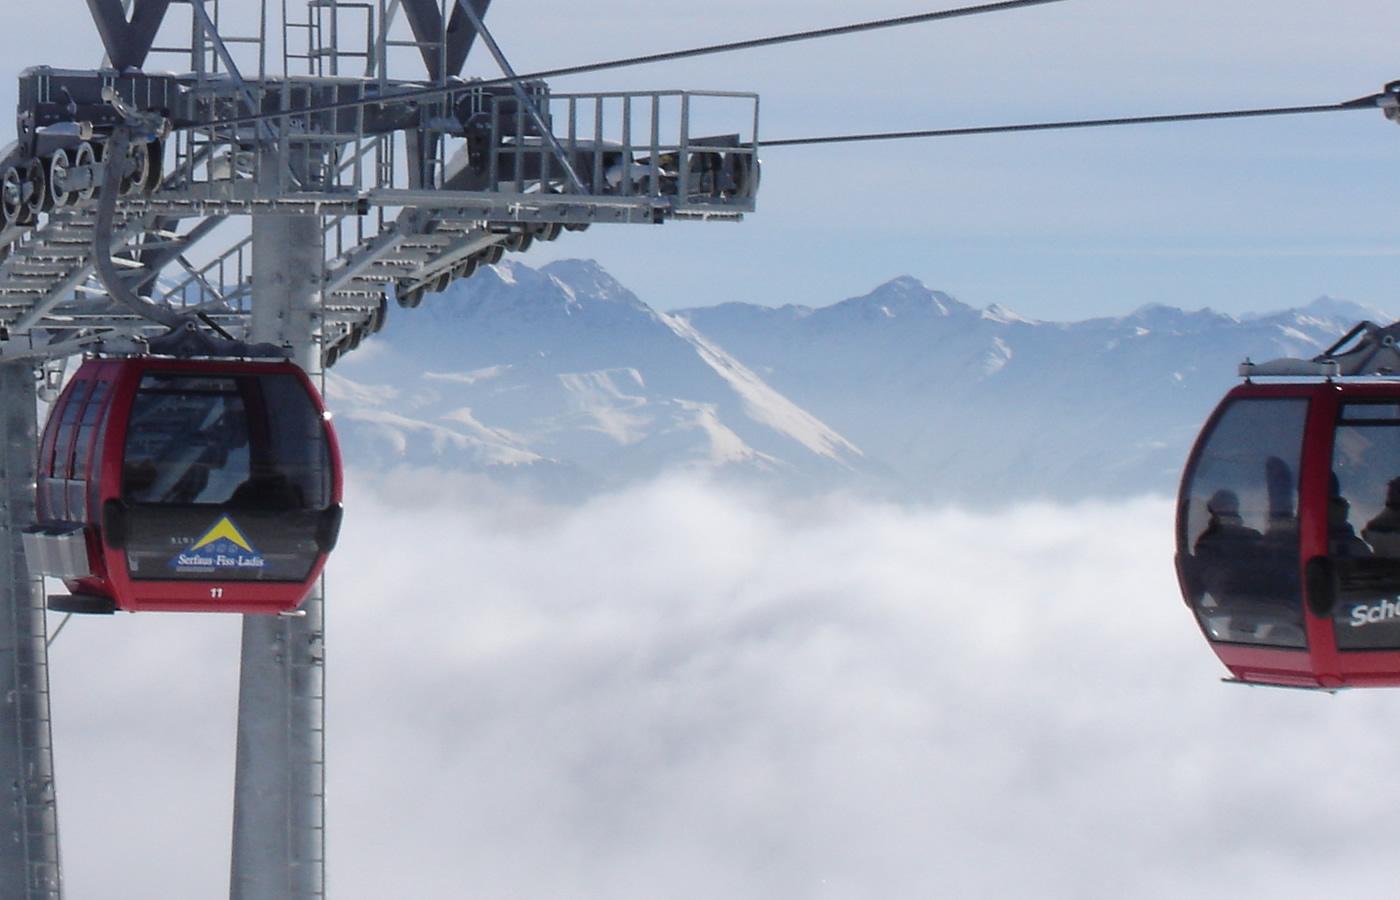 Wolkenmeer über Serfaus-Fiss-Ladis - Schönjochbahn in Fiss, Tirol.